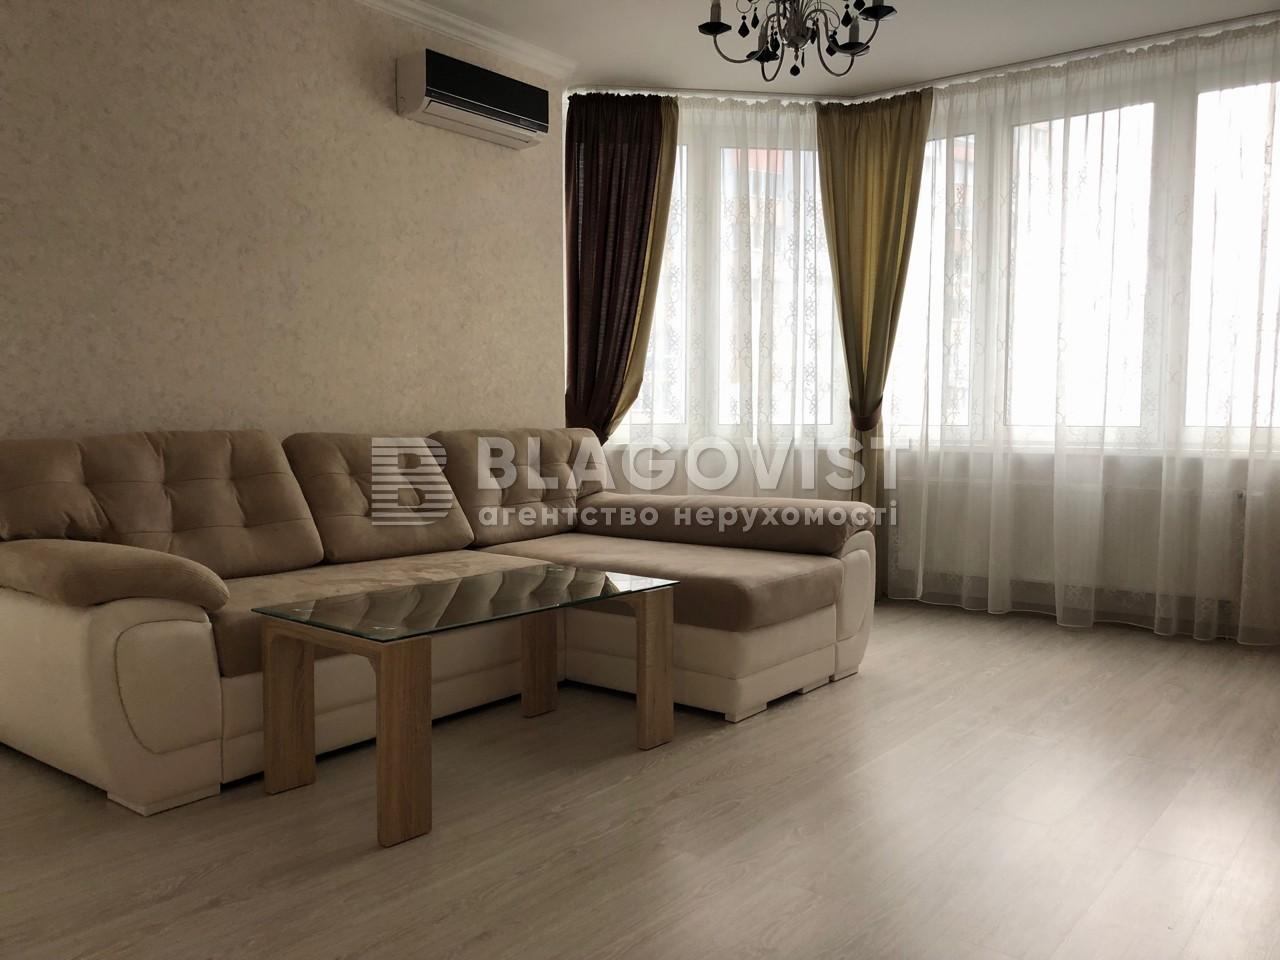 Квартира D-34517, Драгоманова, 4а, Киев - Фото 6